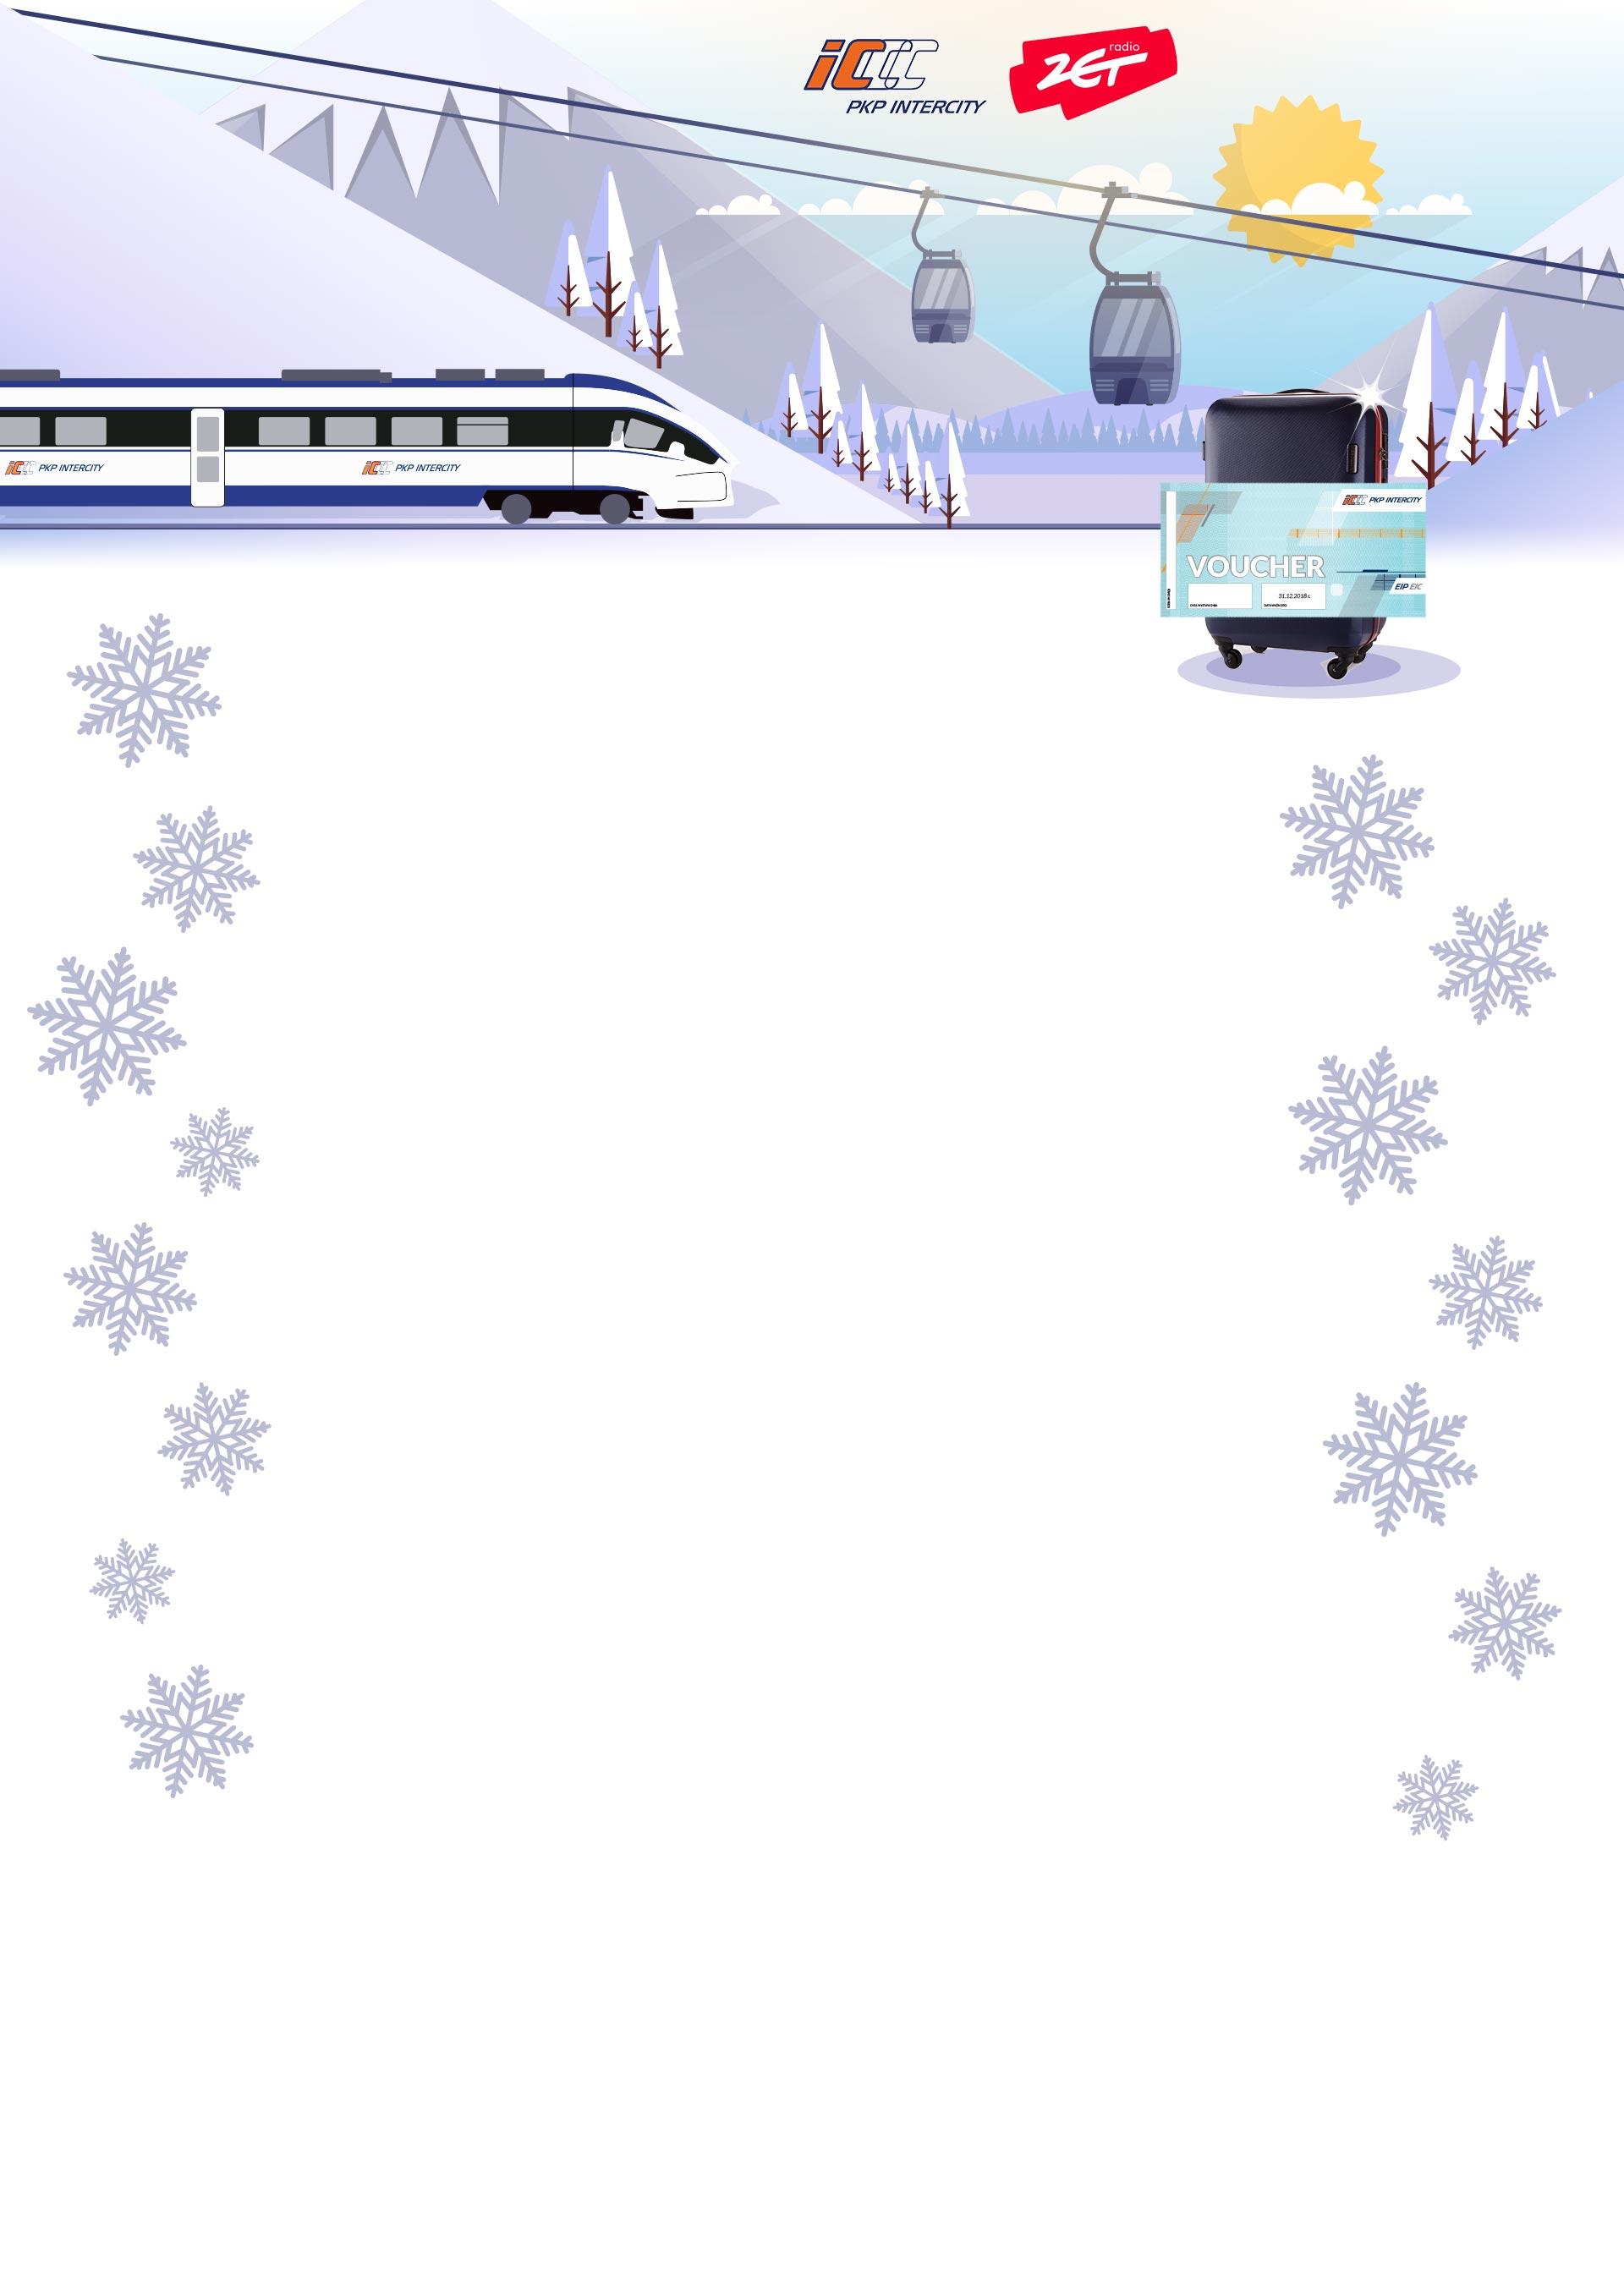 Wygraj rodzinny bilet na pociąg i wielką rodzinną walizkę na bagaże [KONKURS]